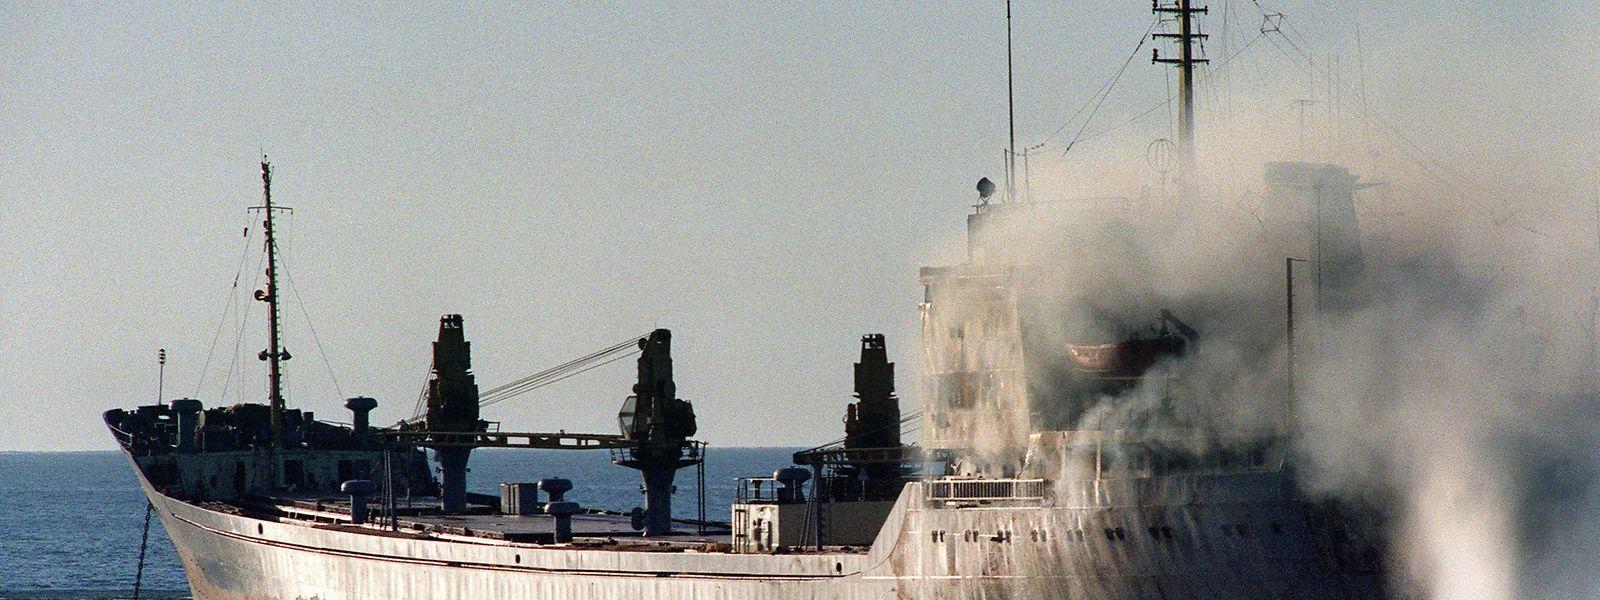 Während des ersten Golfkriegs beschoss ein iranisches Kriegsschiff am 23. November 1987 im Golf von Oman einen rumänischen Frachter. Das Foto zeigt, wie ein Schlepper ein Feuer auf dem Schiff zu löschen versucht.